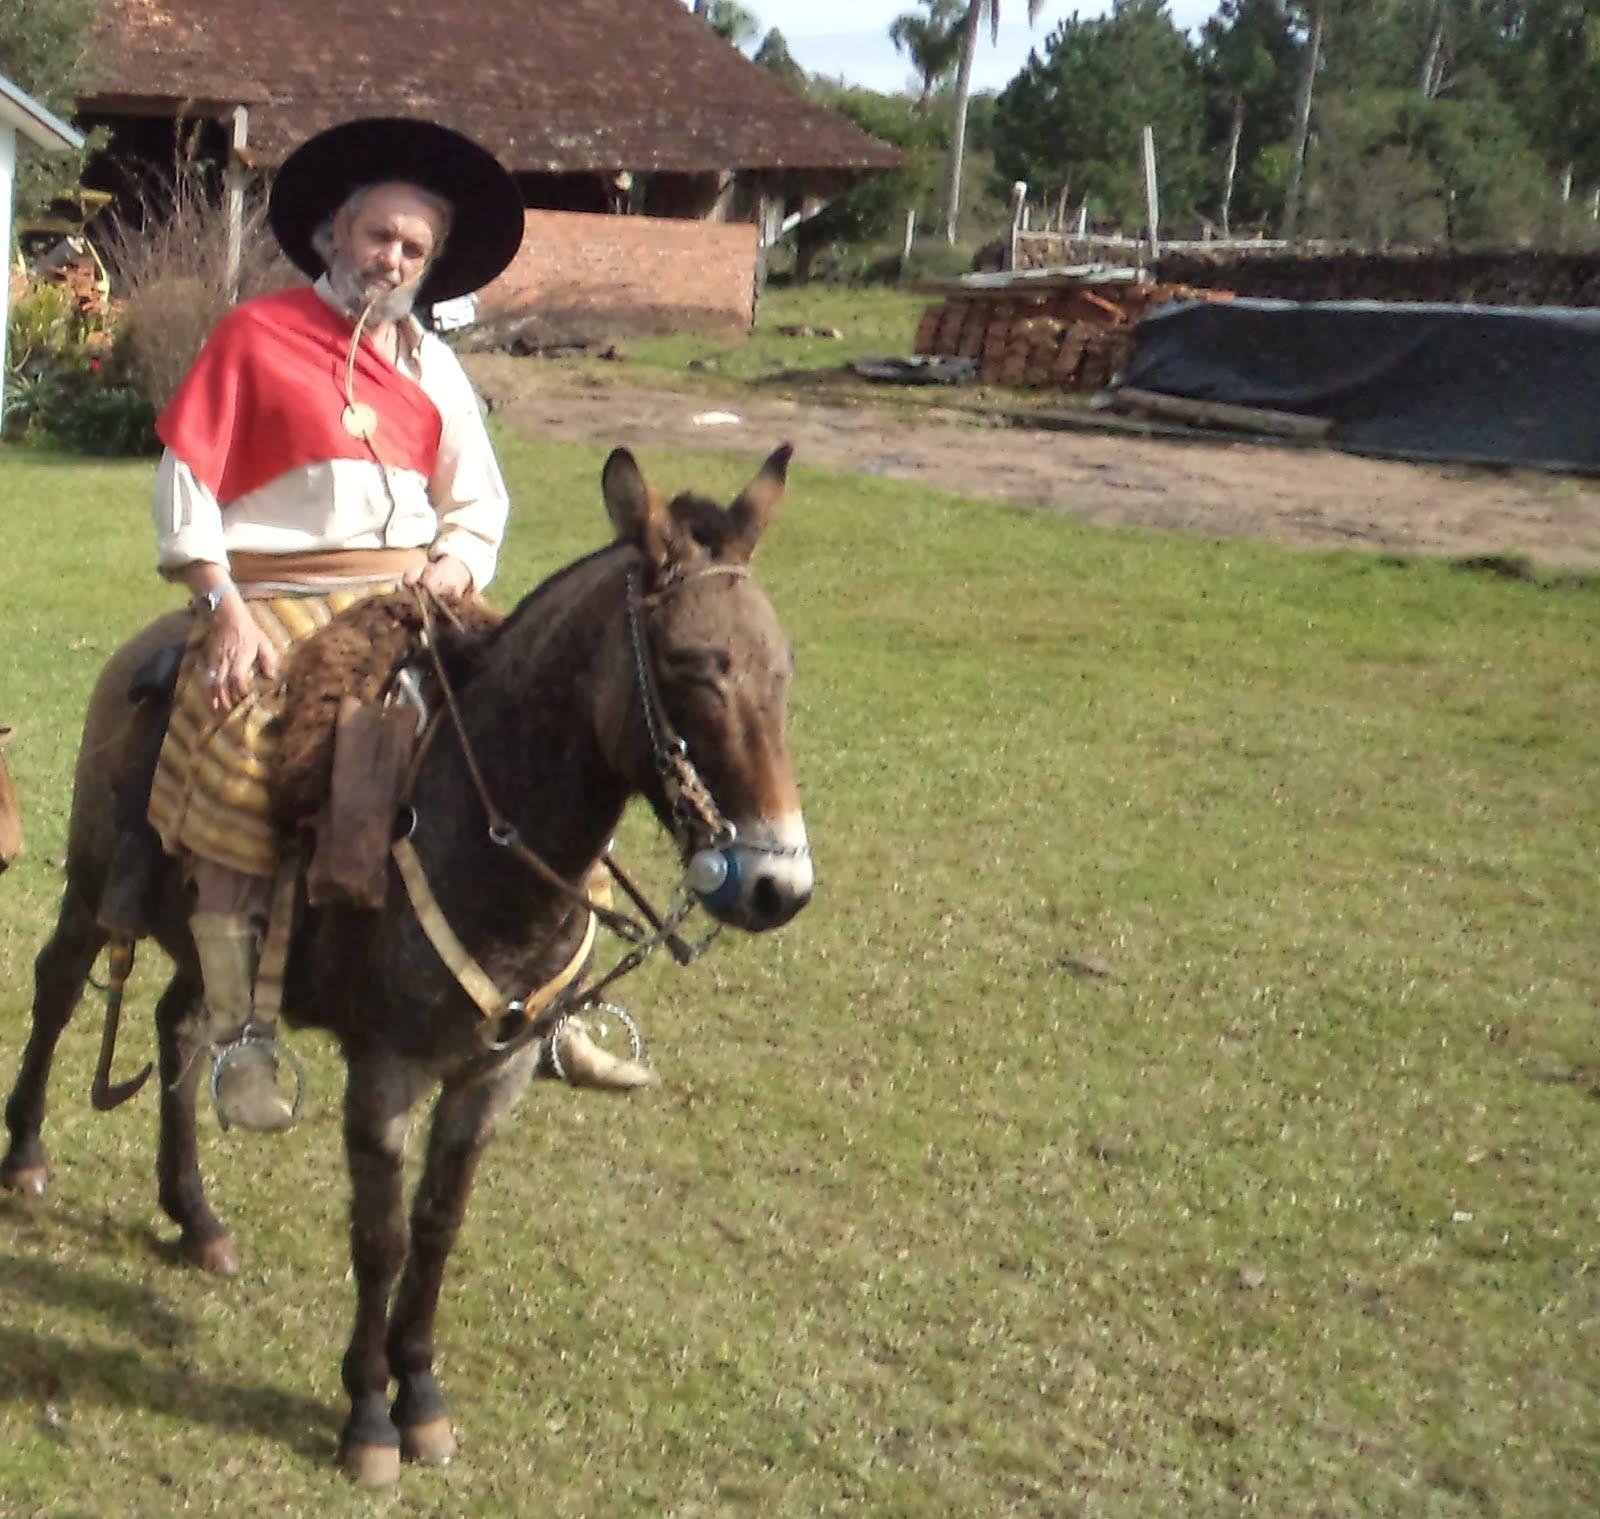 Como hoje tiramos o dia para falar sobre indumentária (19 11 2012)  aproveitamos esta foto de meu grande amigo Adão Bueno b2b442f0392